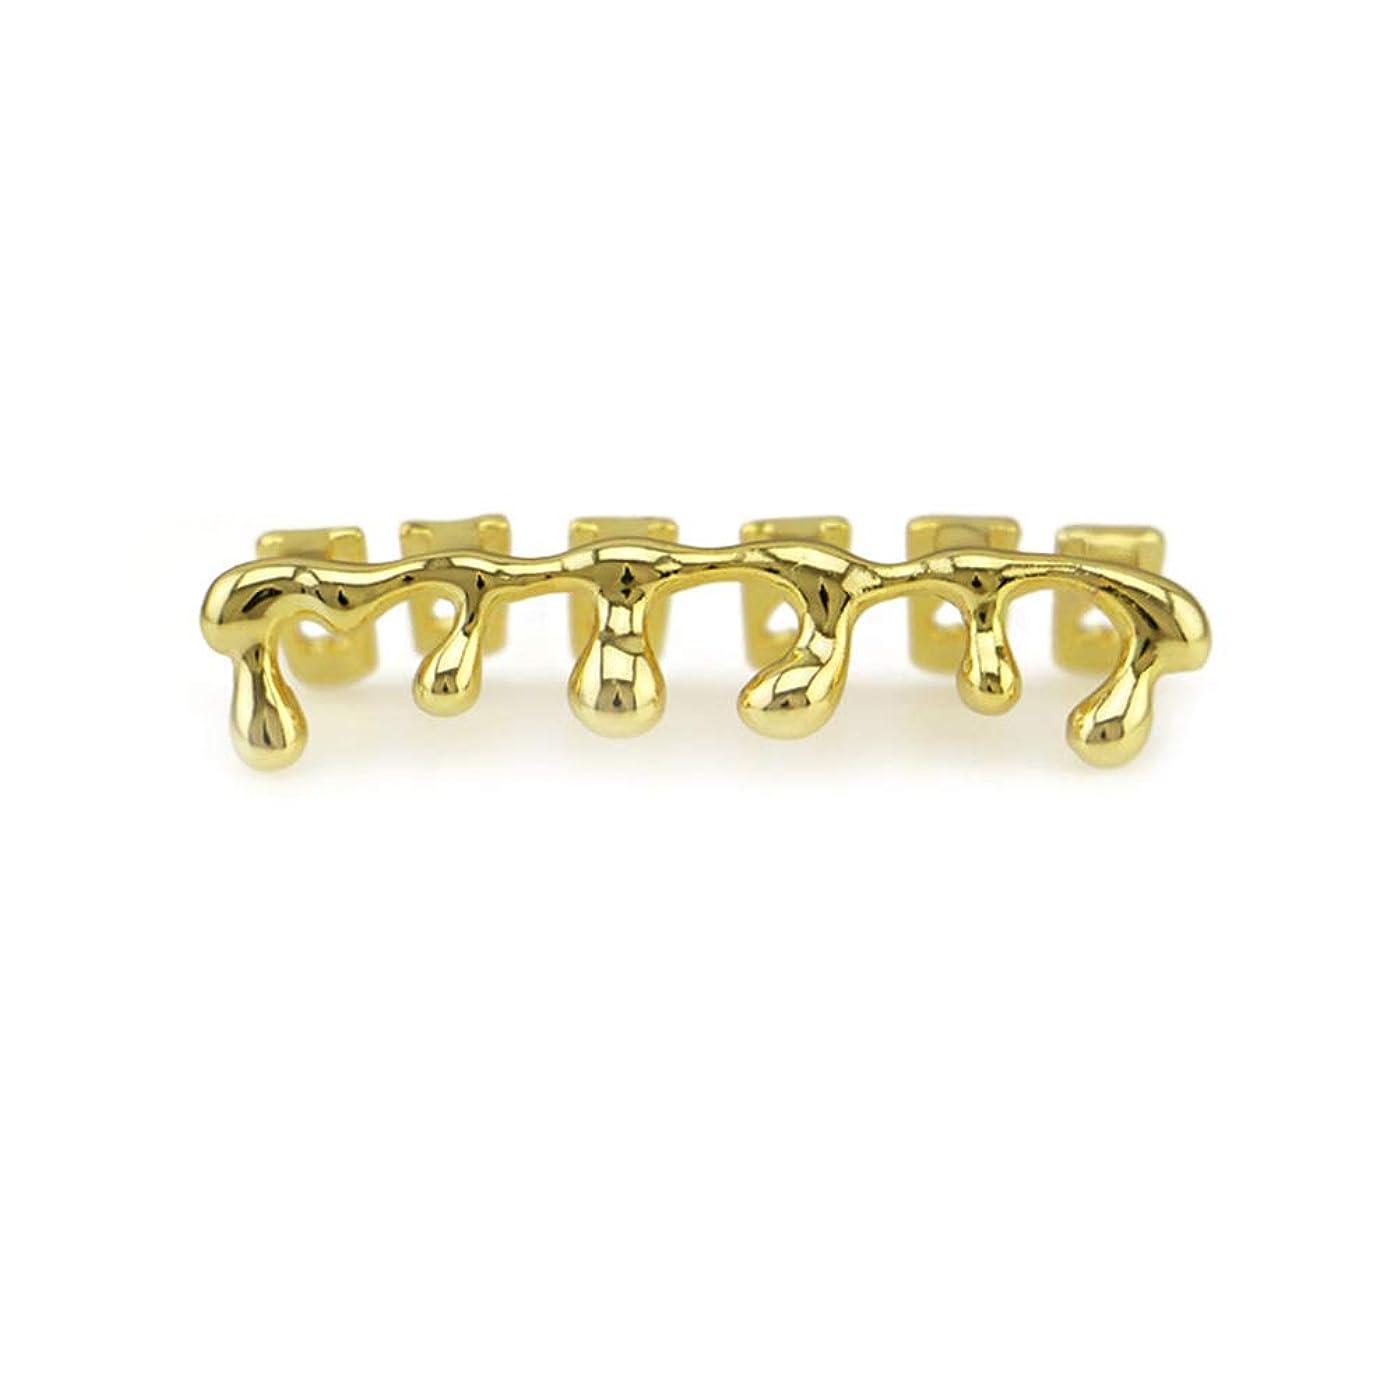 選択オプショナル紛争マウストップデンタルグリル用 14 kローズゴールドメッキヒップホップの歯ドリップグリルキャップ下部ボトムグリル ゴールドメッキヒップホップポーカー歯キャップ (色 : ゴールド)